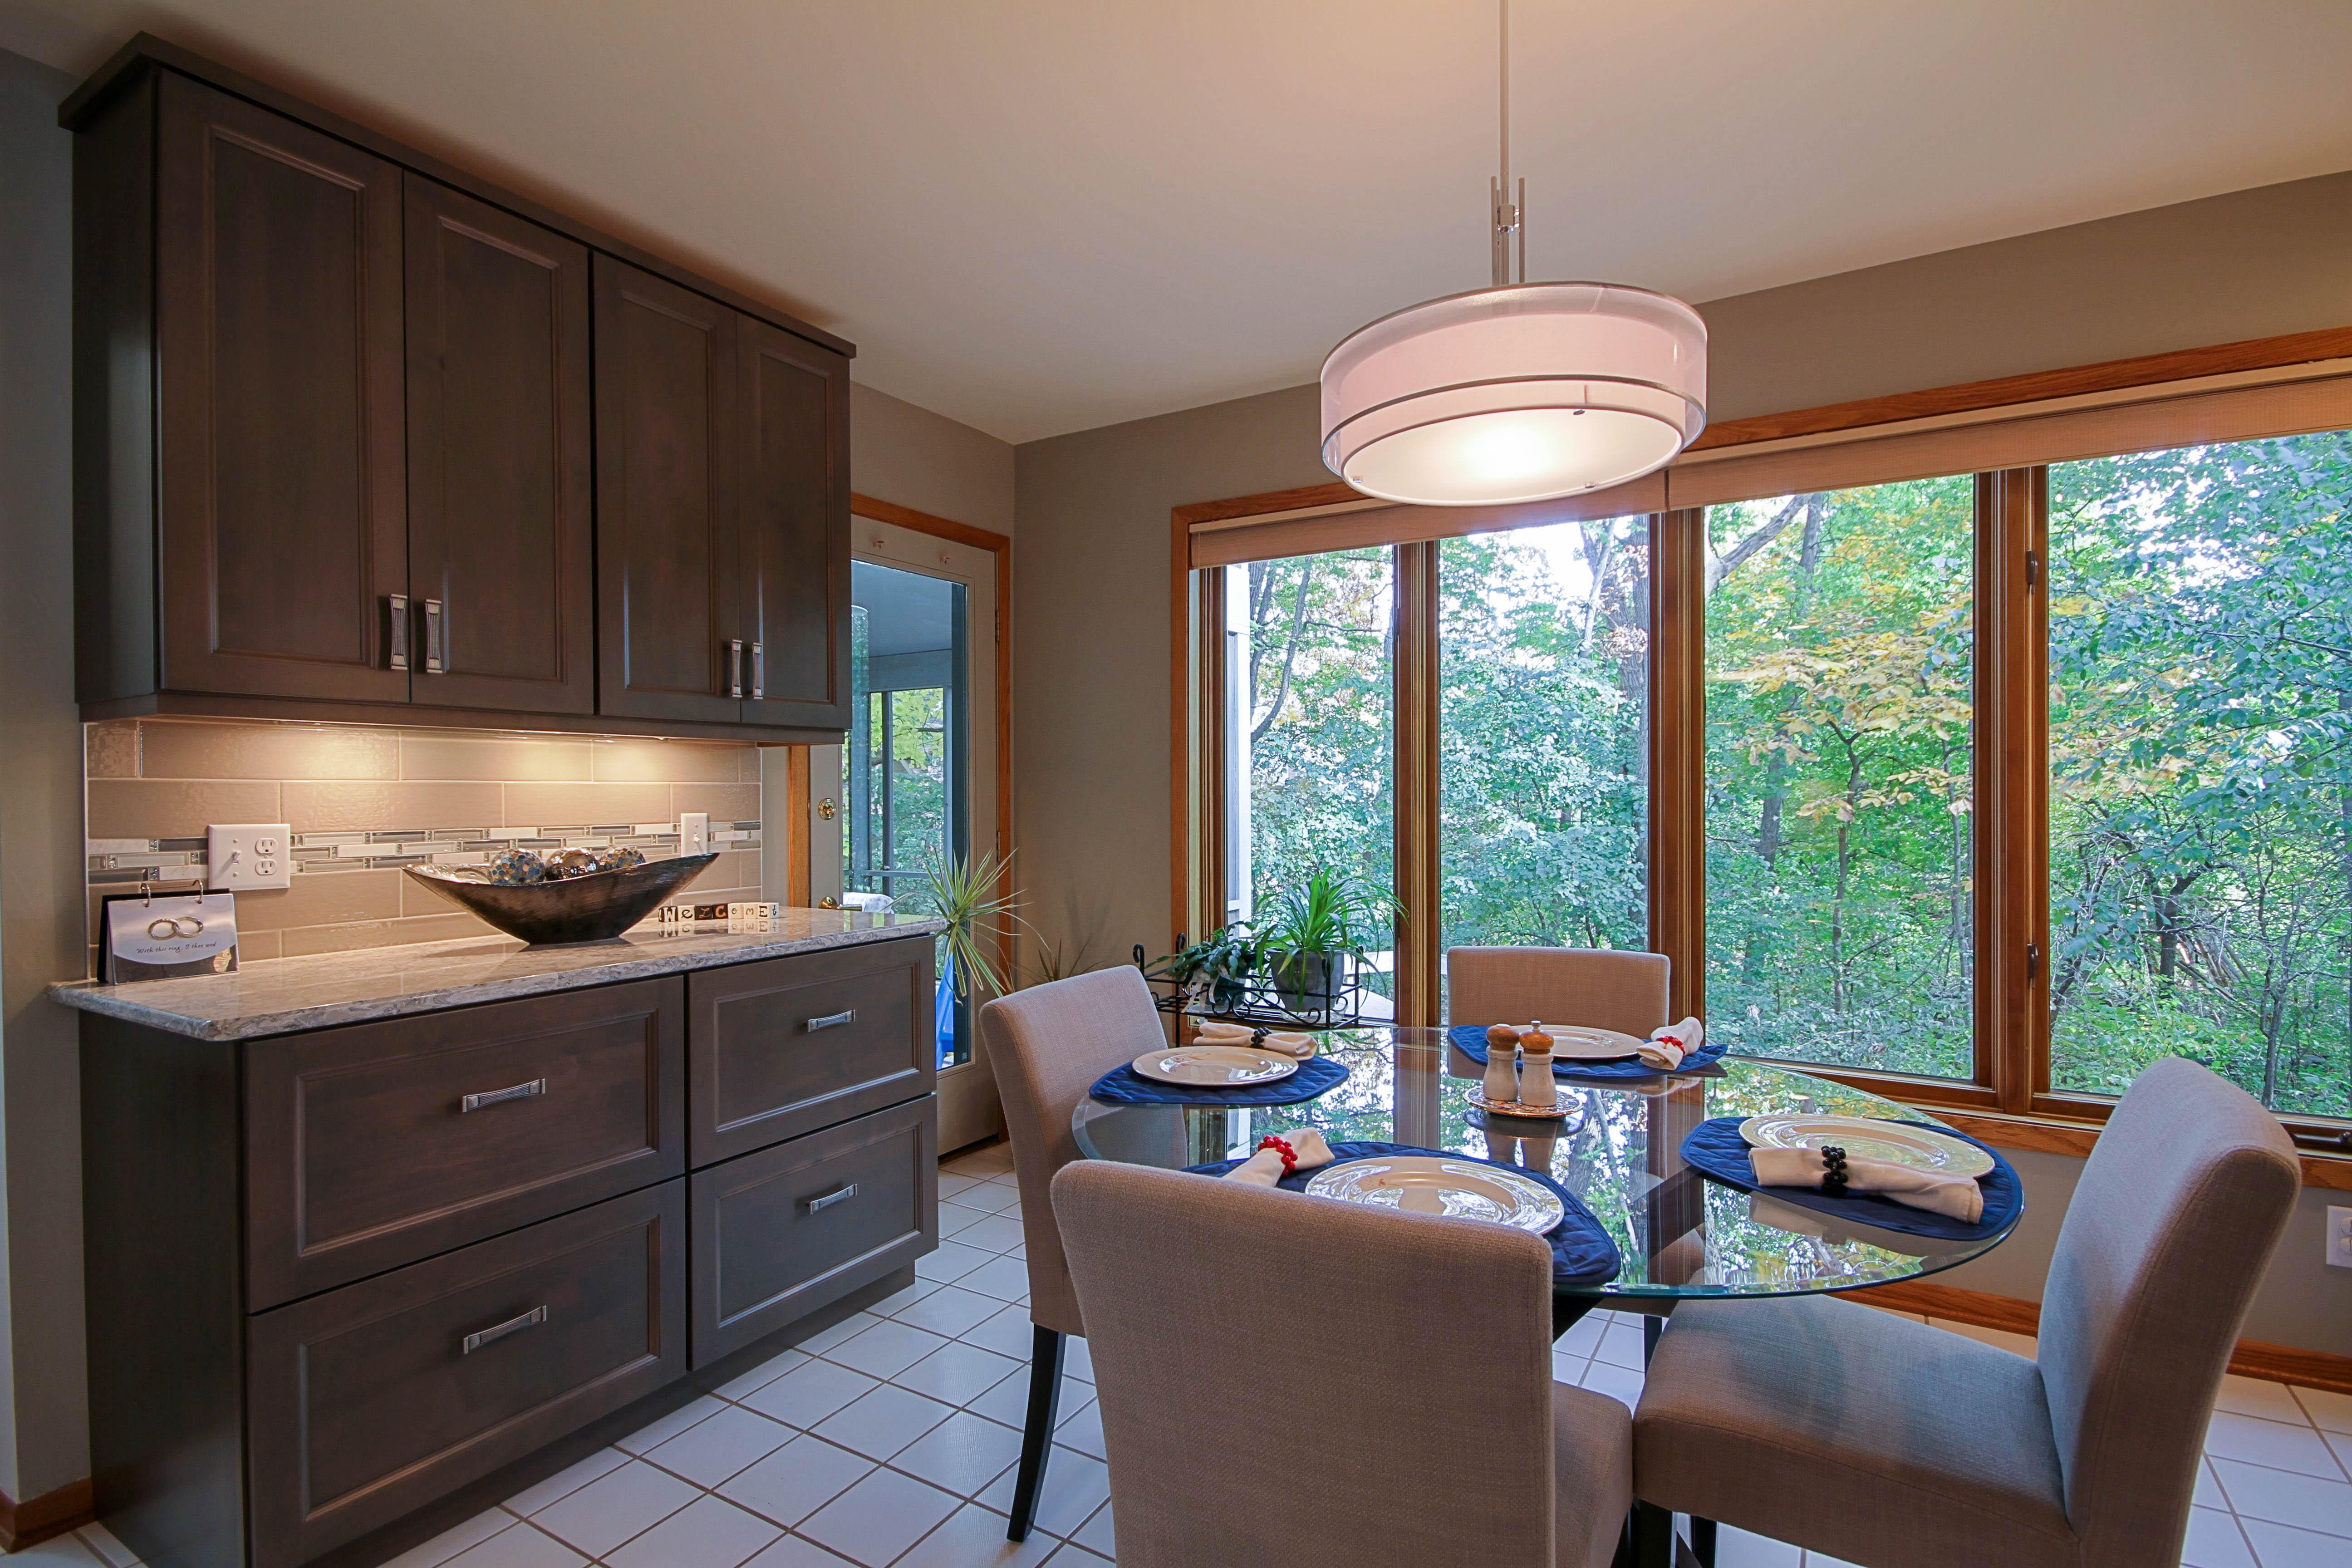 Kitchen Remodeling, eat-in kitchen design, dinette pendant